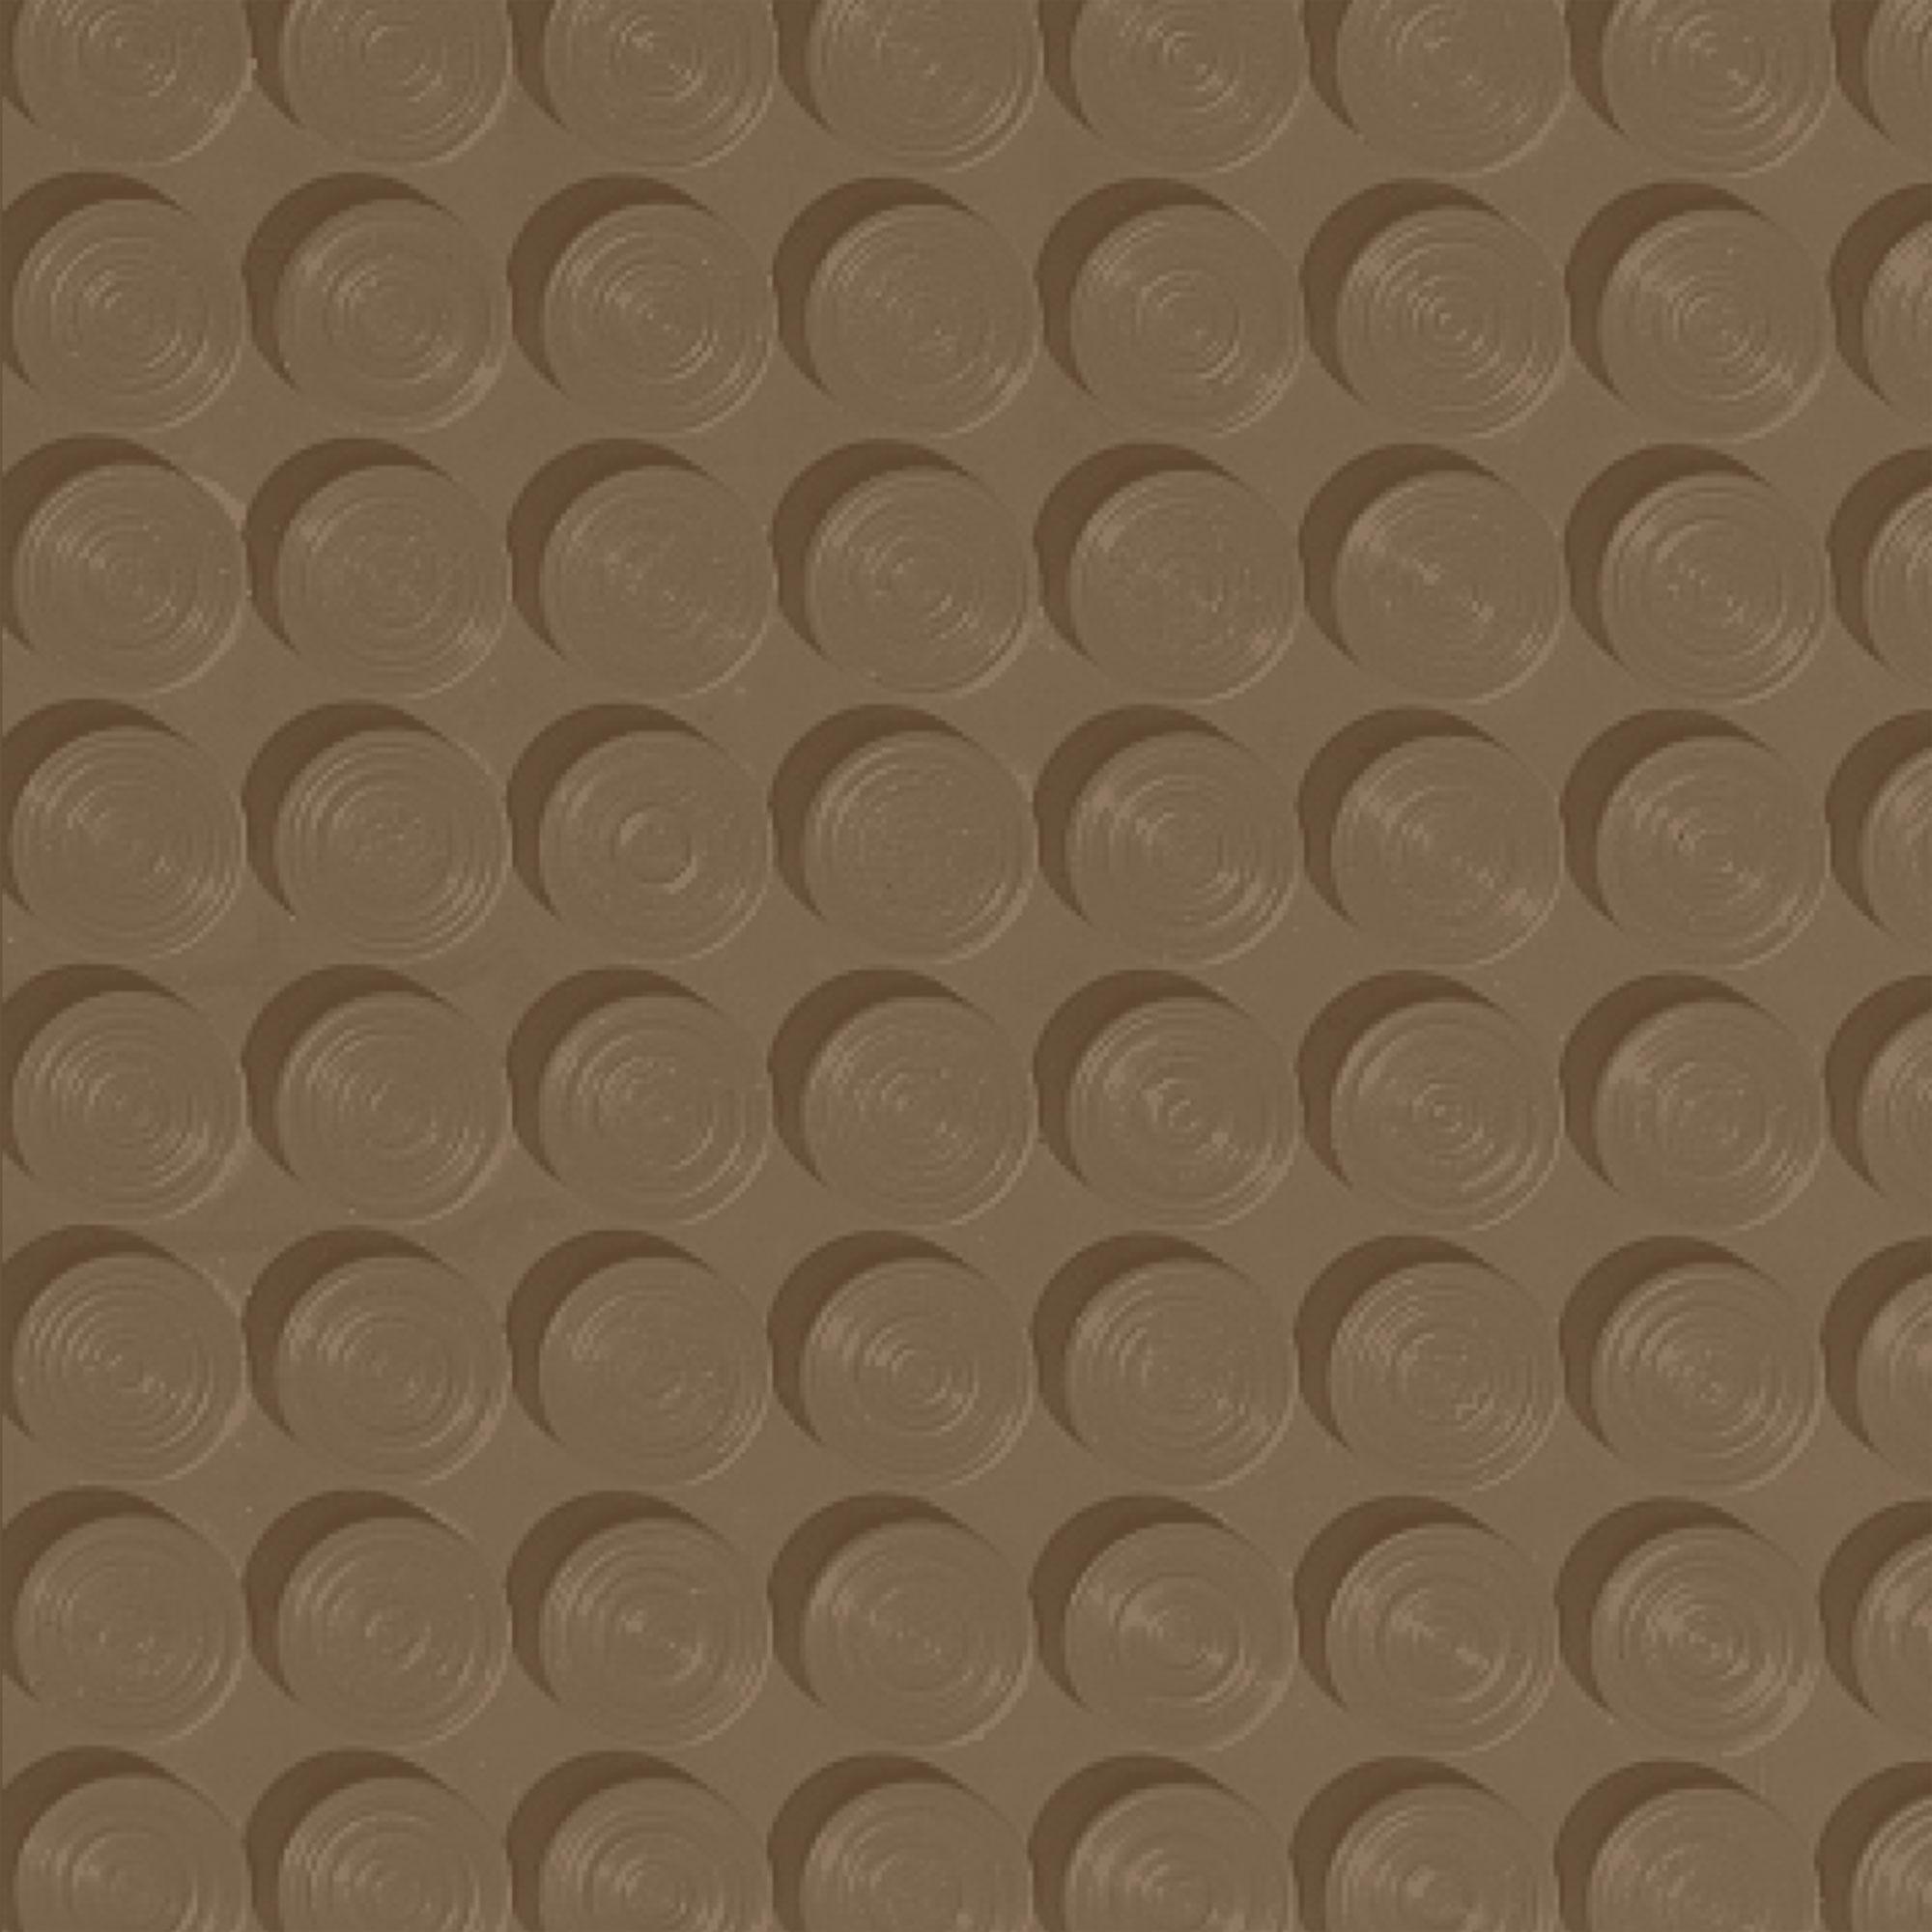 Roppe Rubber Tile 900 - Lug Back Vantage Design (LB996) Chameleon Rubber Flooring